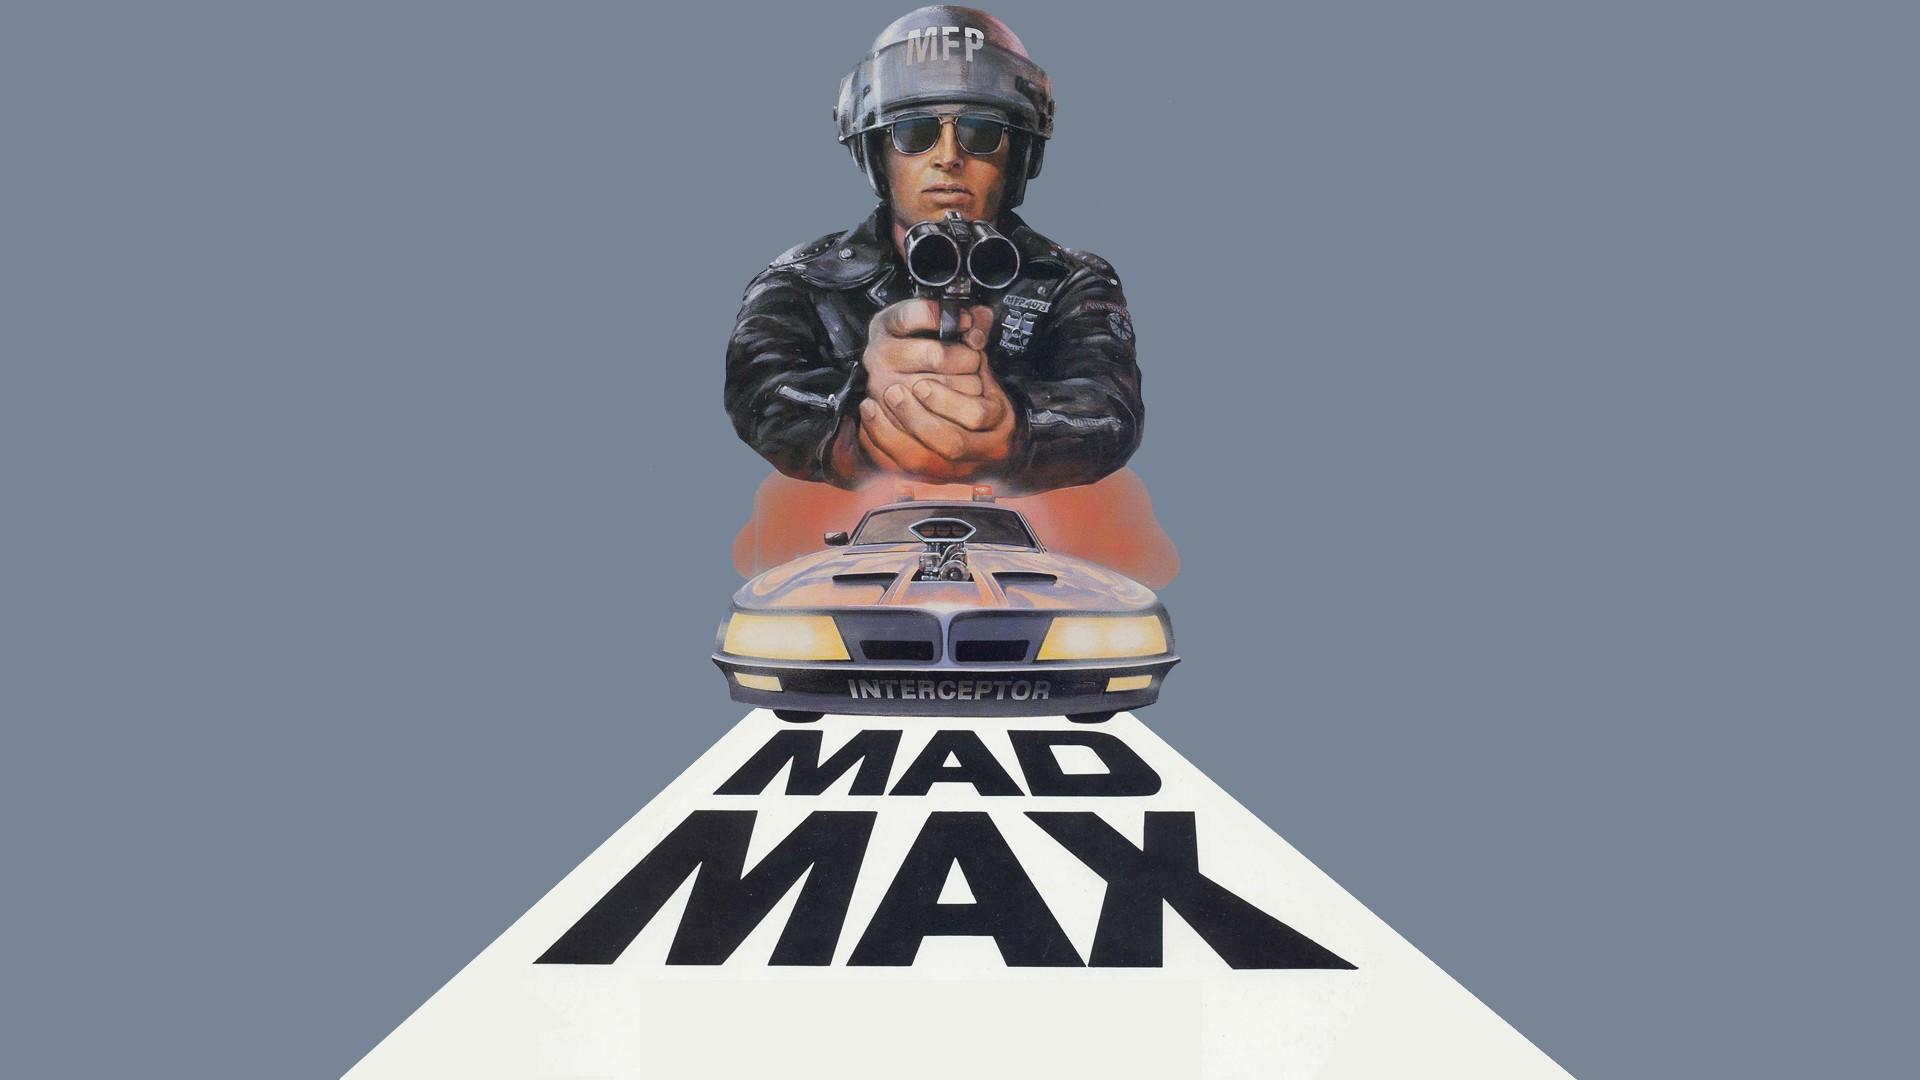 Mad Max Wallpaper 1920x1080 Mad Max 1920x1080